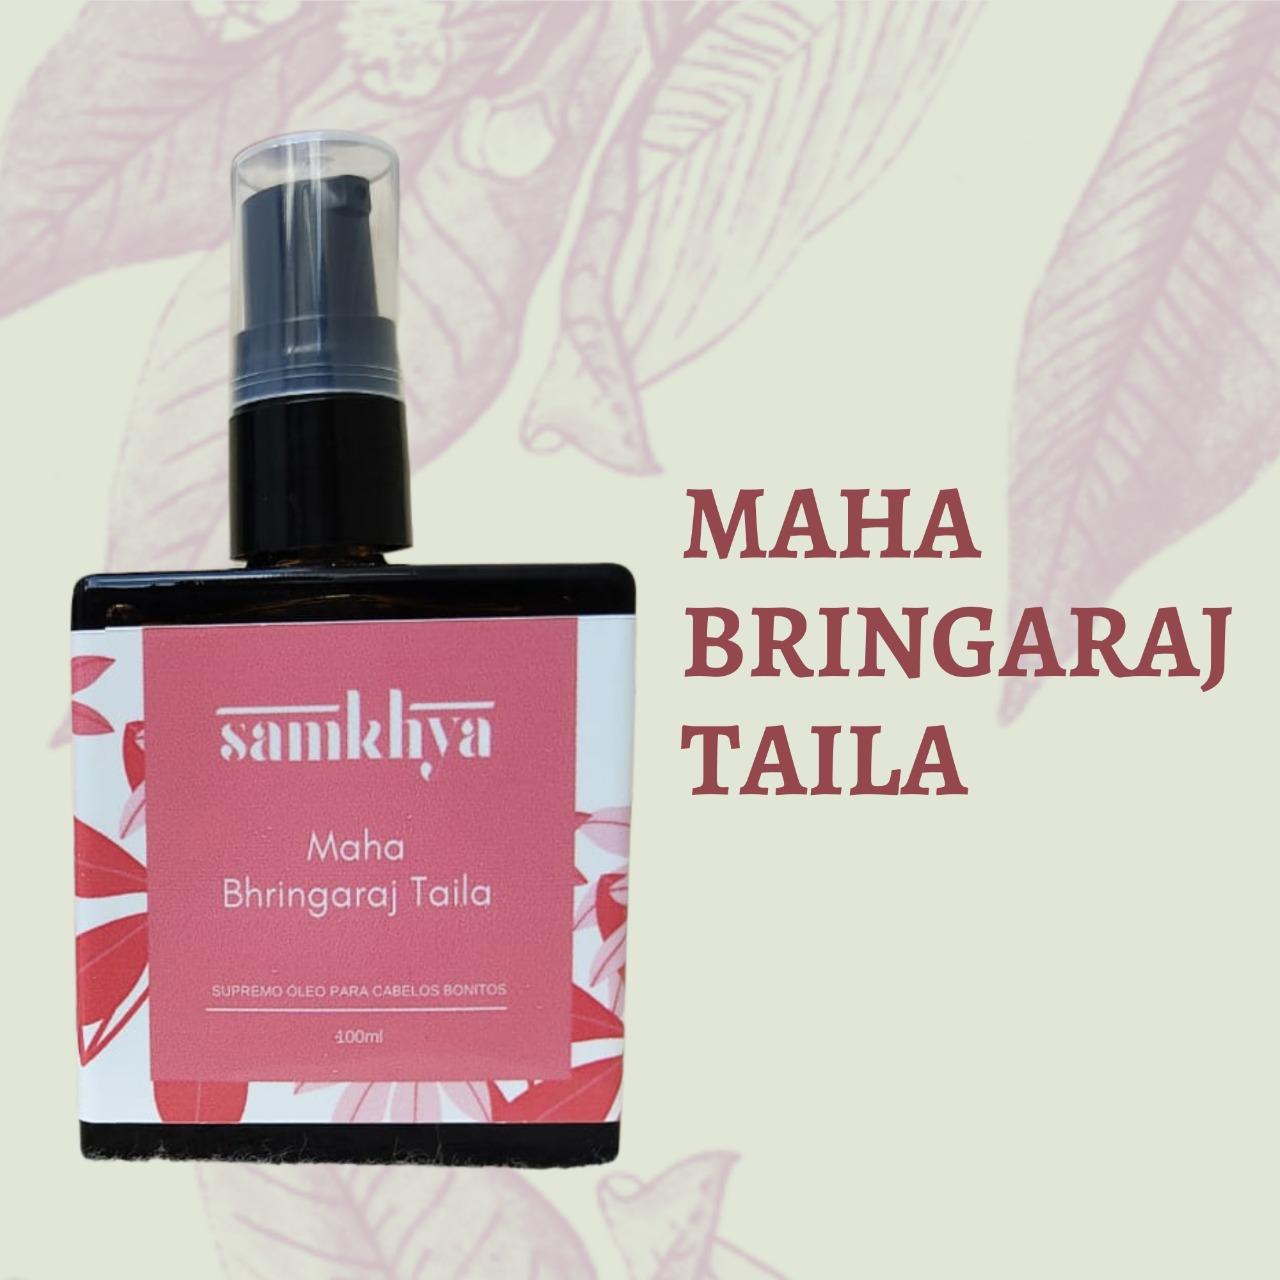 Maha Bhringaraj Taila - Supremo óleo para cabelos